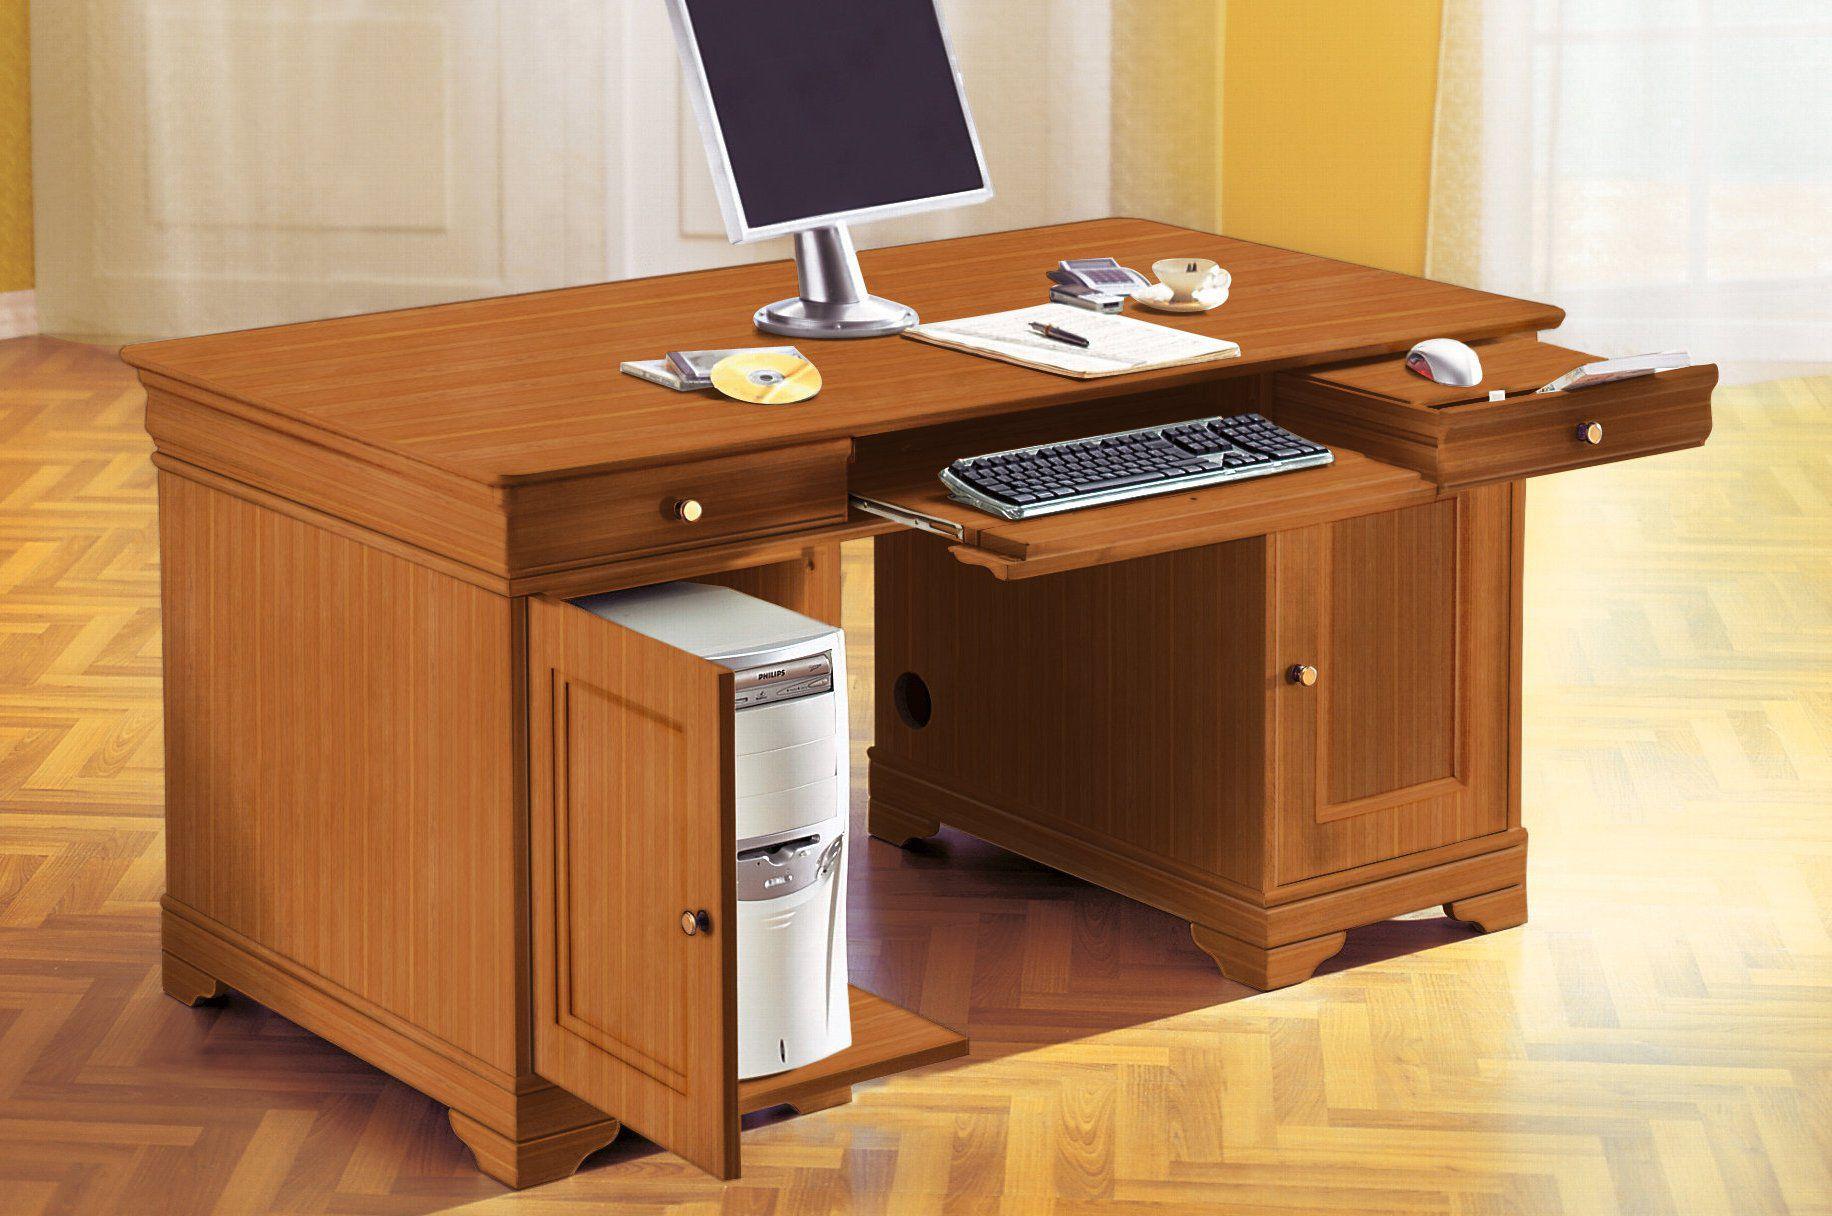 Schreibtisch mit pc einteilung heine kirschbaumfarben for Schreibtisch aus buchenholz